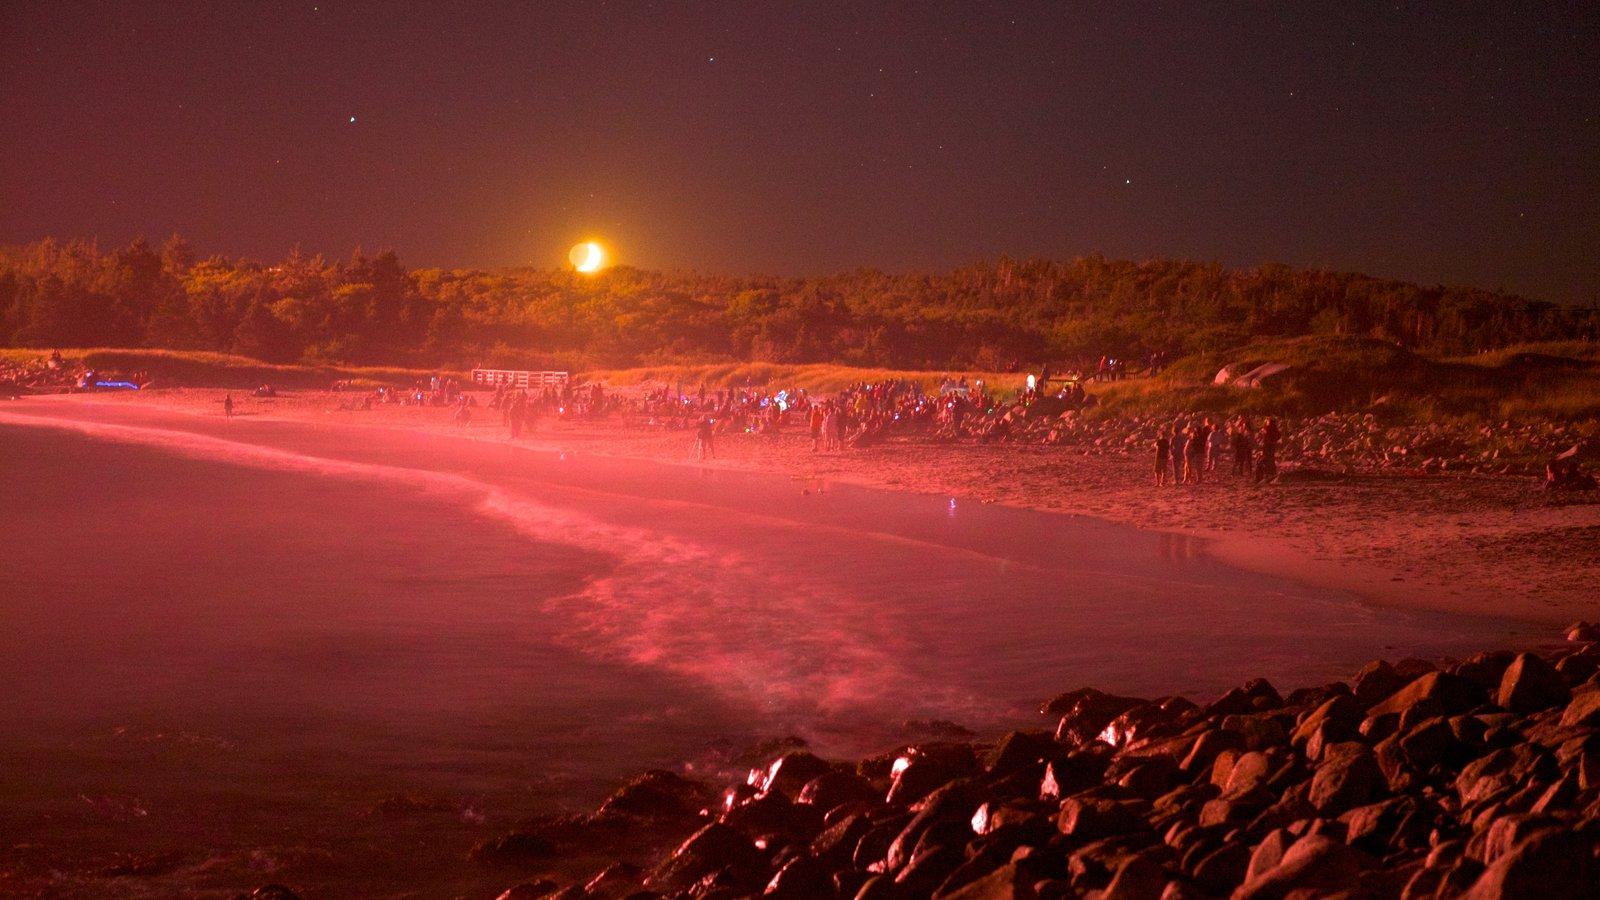 Playa Crystal Crescent mostrando escenas nocturnas, una playa de arena y vistas de paisajes